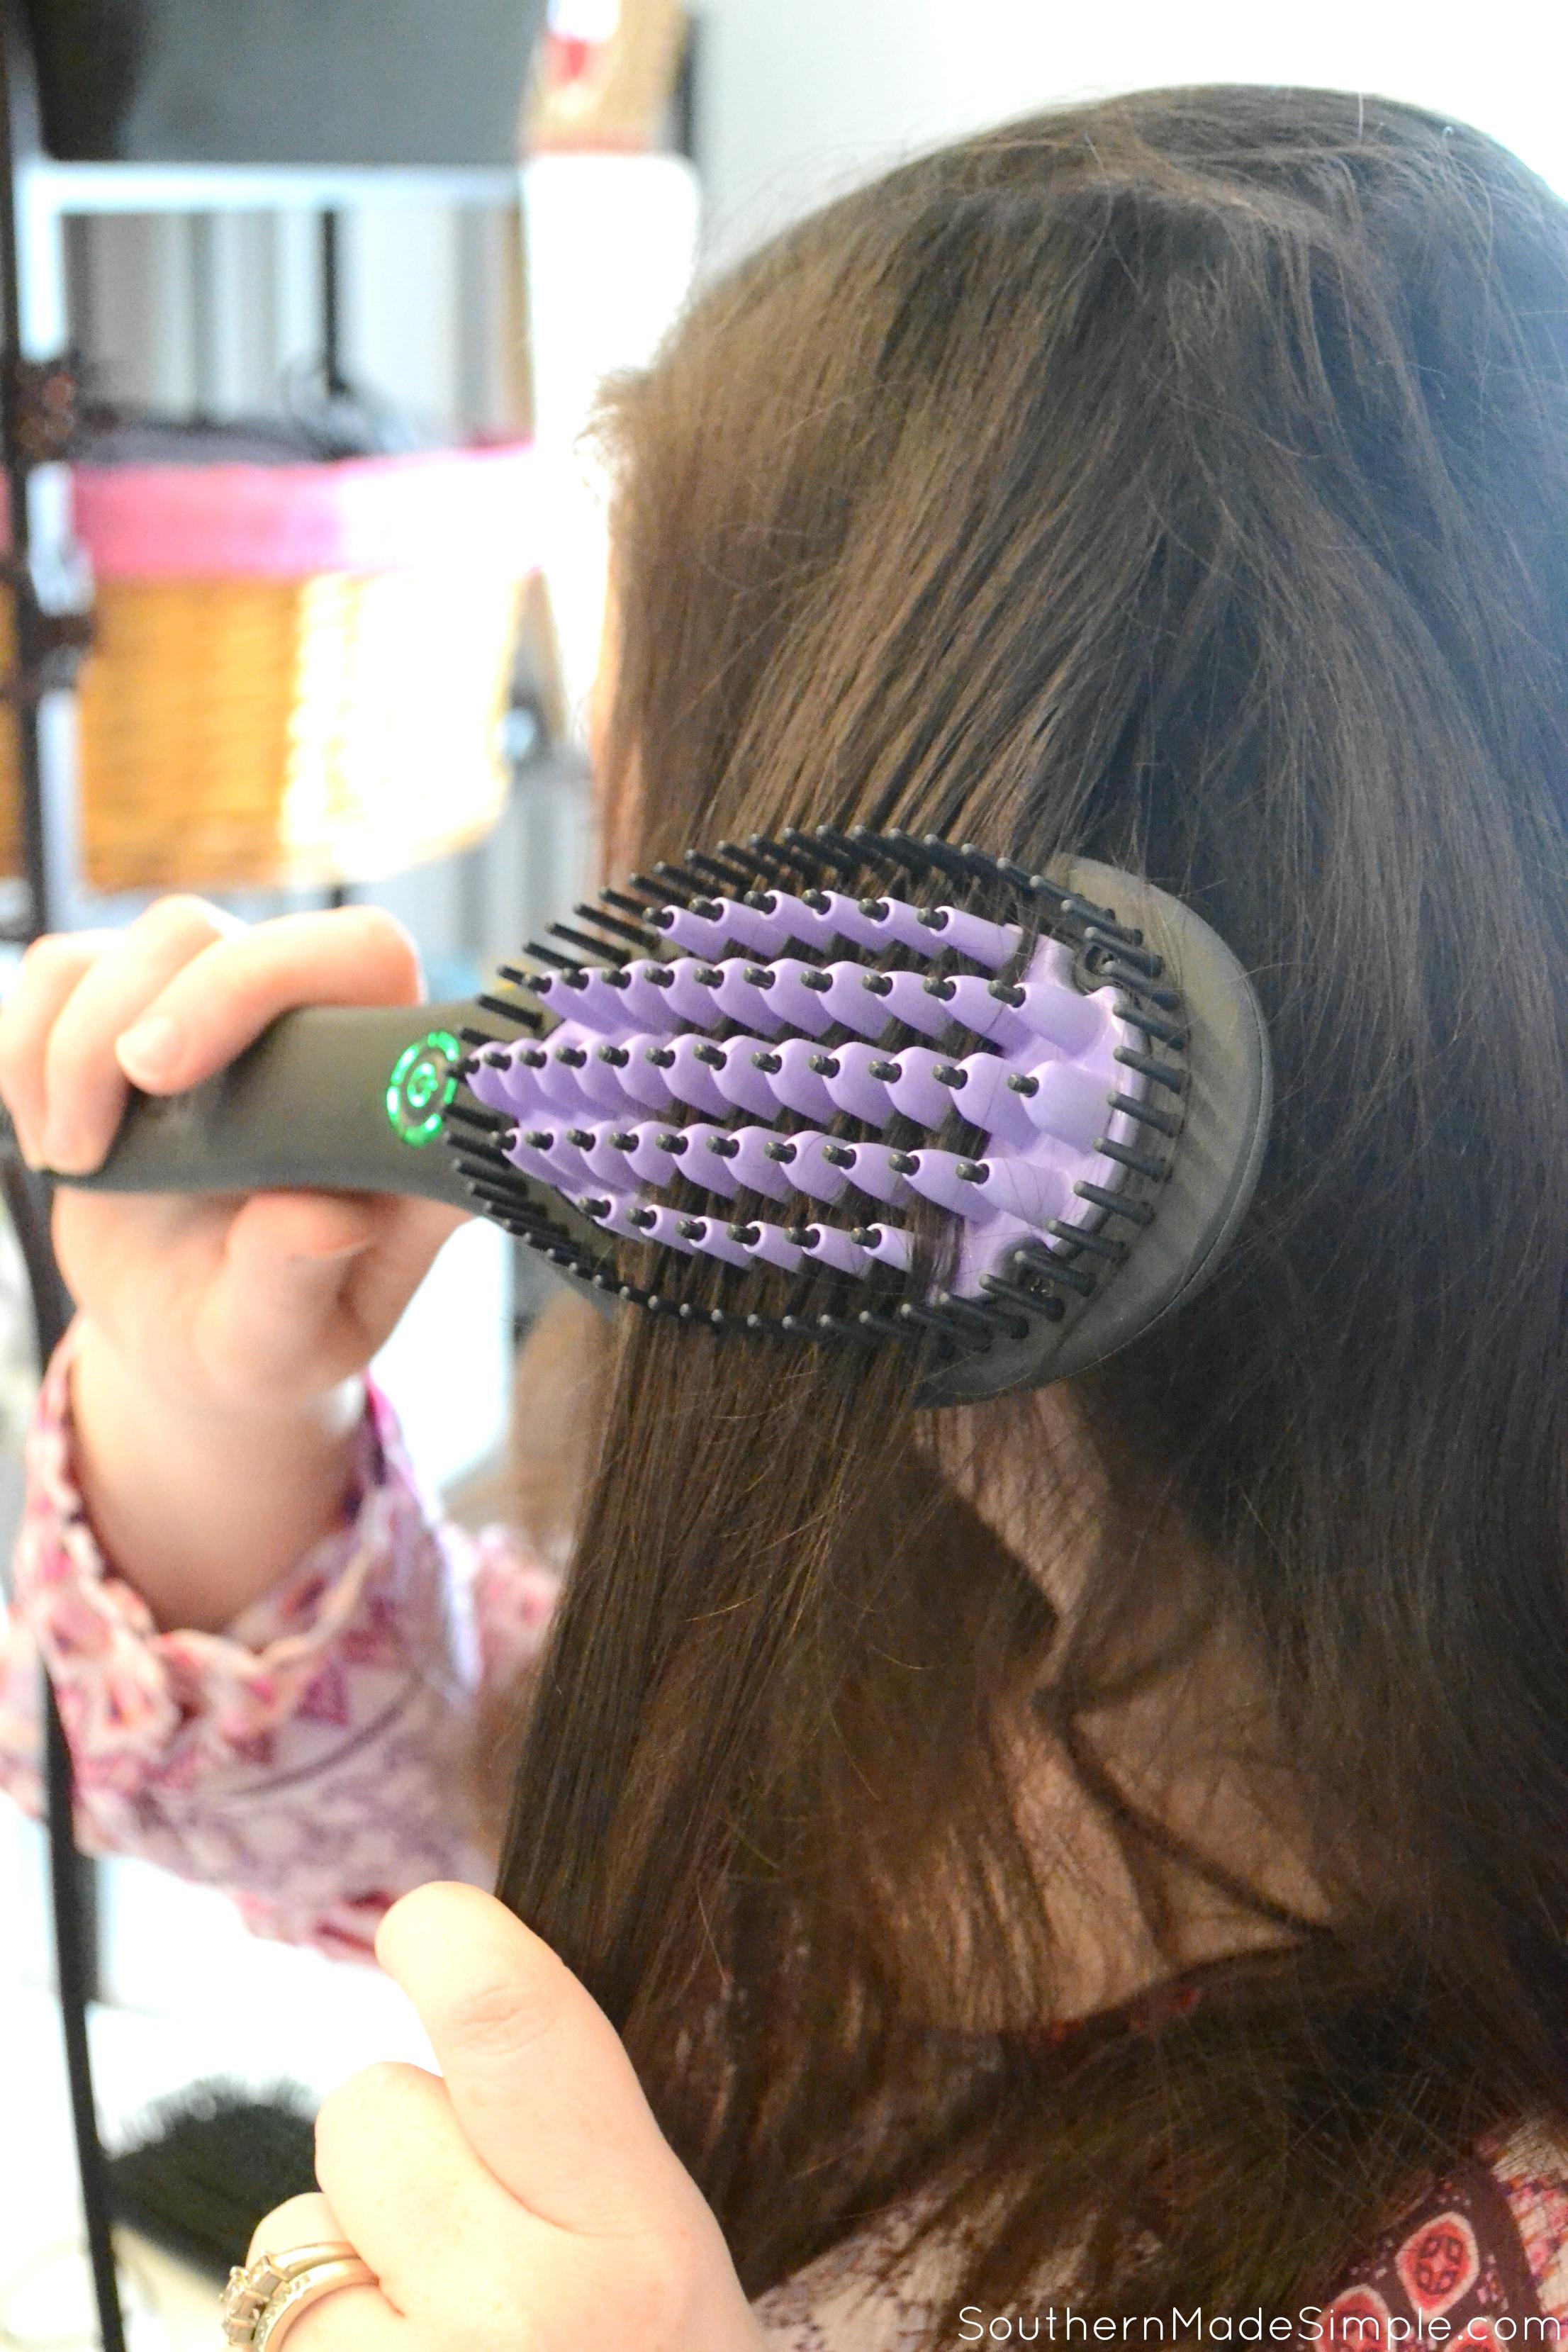 DAFNI Hair Straightening Brush Review